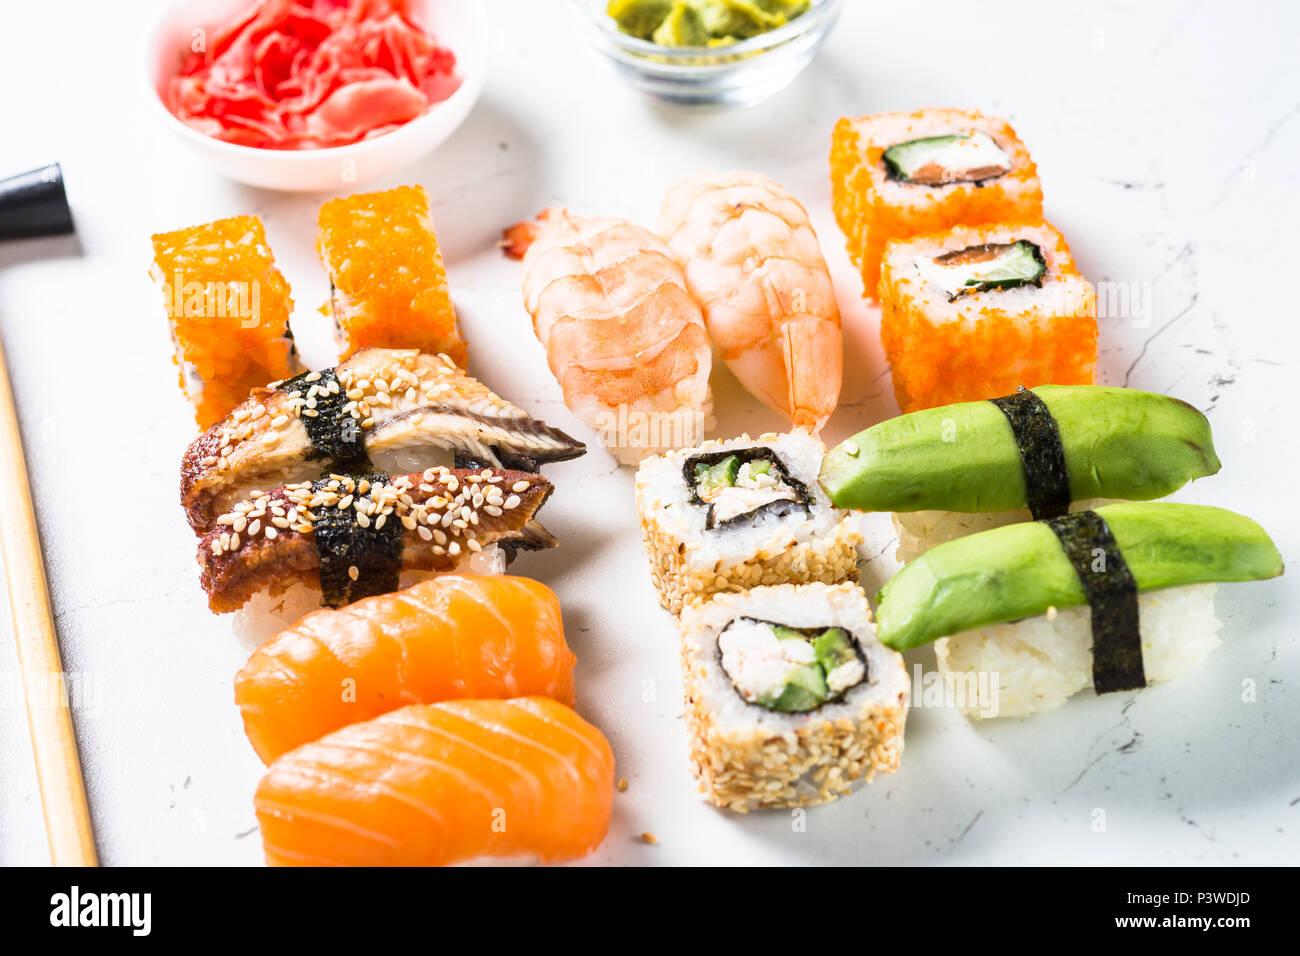 Sushi et sushi roll set sur fond blanc. Cuisine asiatique traditionnelle. Photo Stock